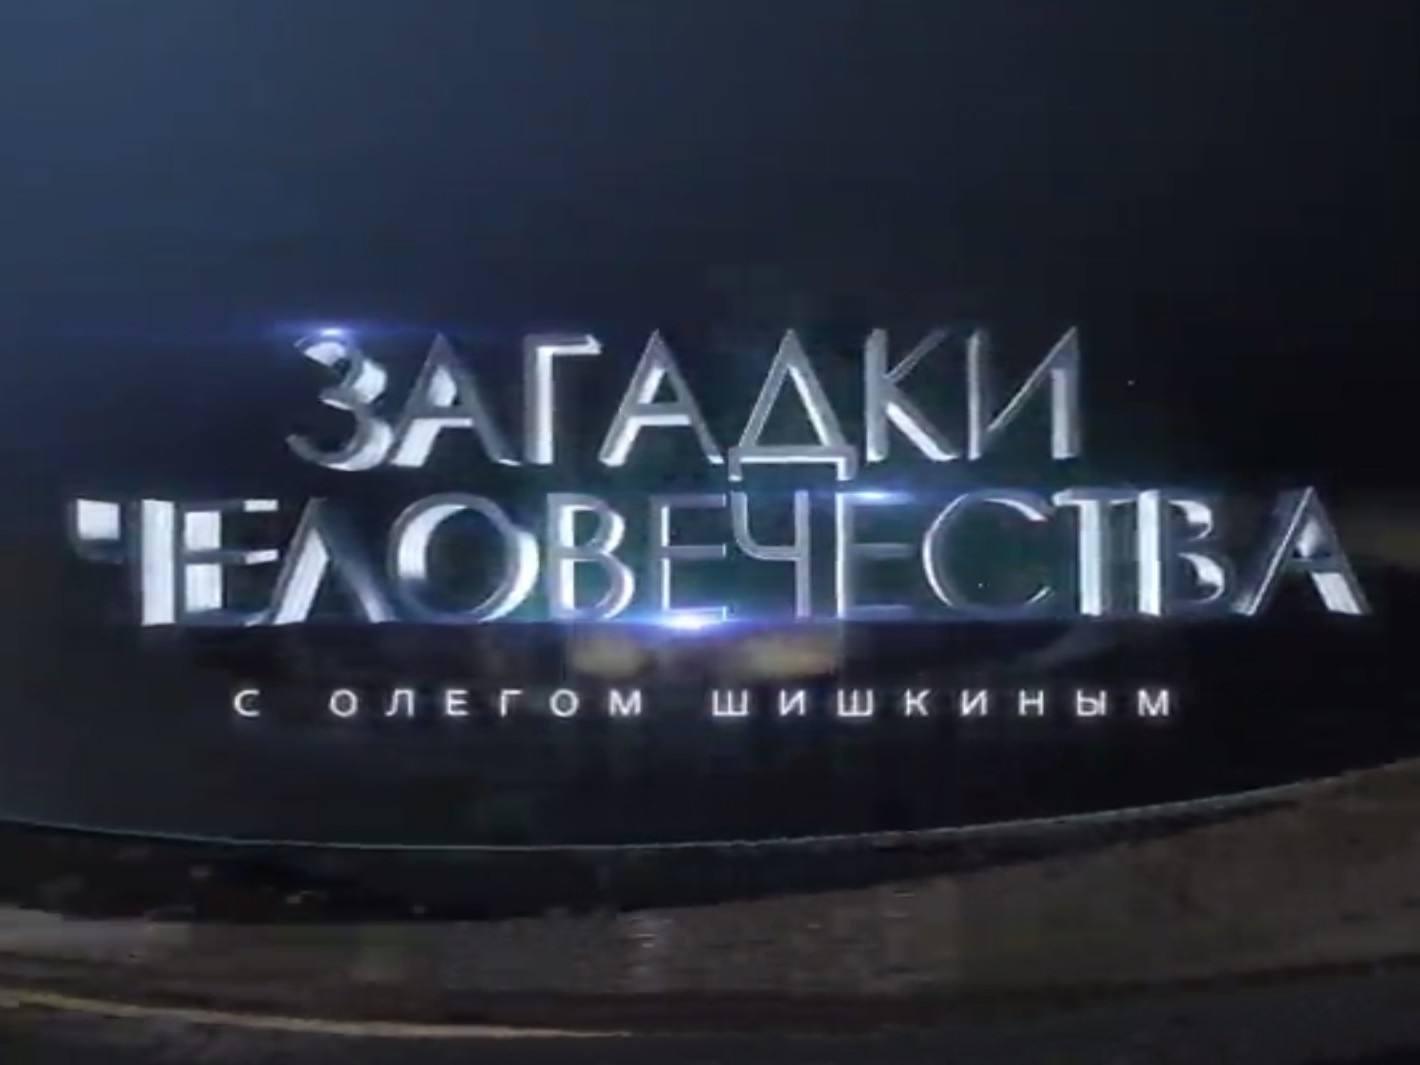 Загадки человечества с Олегом Шишкиным 453 серия в 23:30 на РЕН ТВ